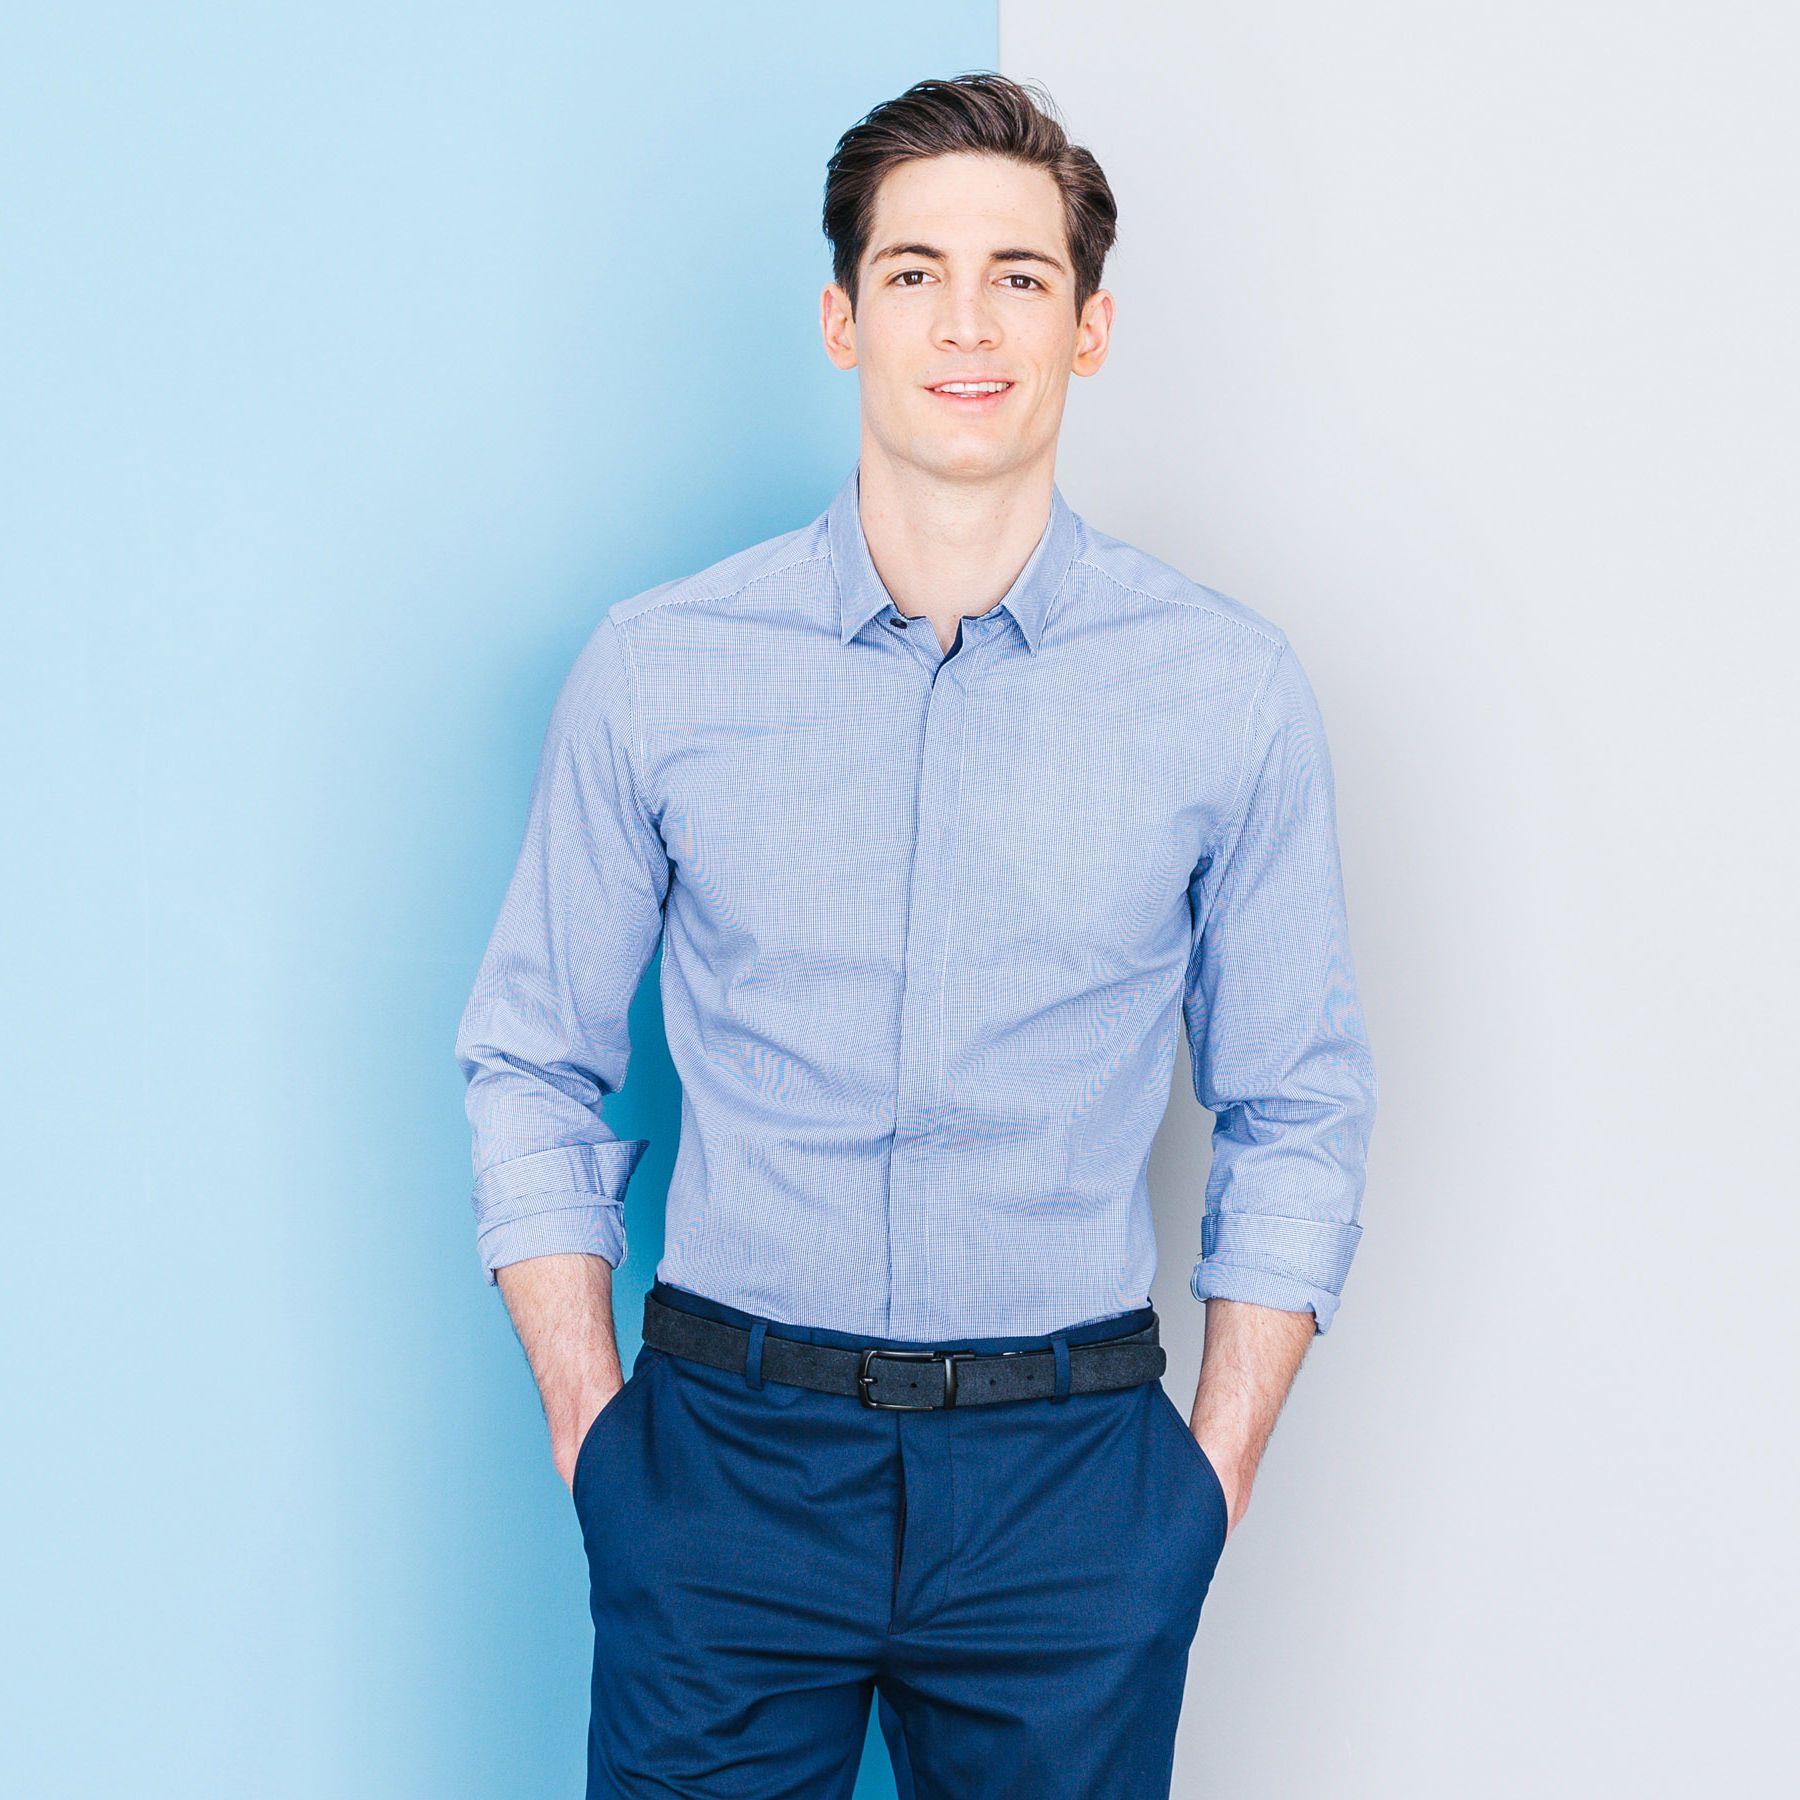 Vóc dáng cao to giúp bạn nam có thể dễ dàng lựa chọn được cho mình một chiếc ao sơ mi phù hợp